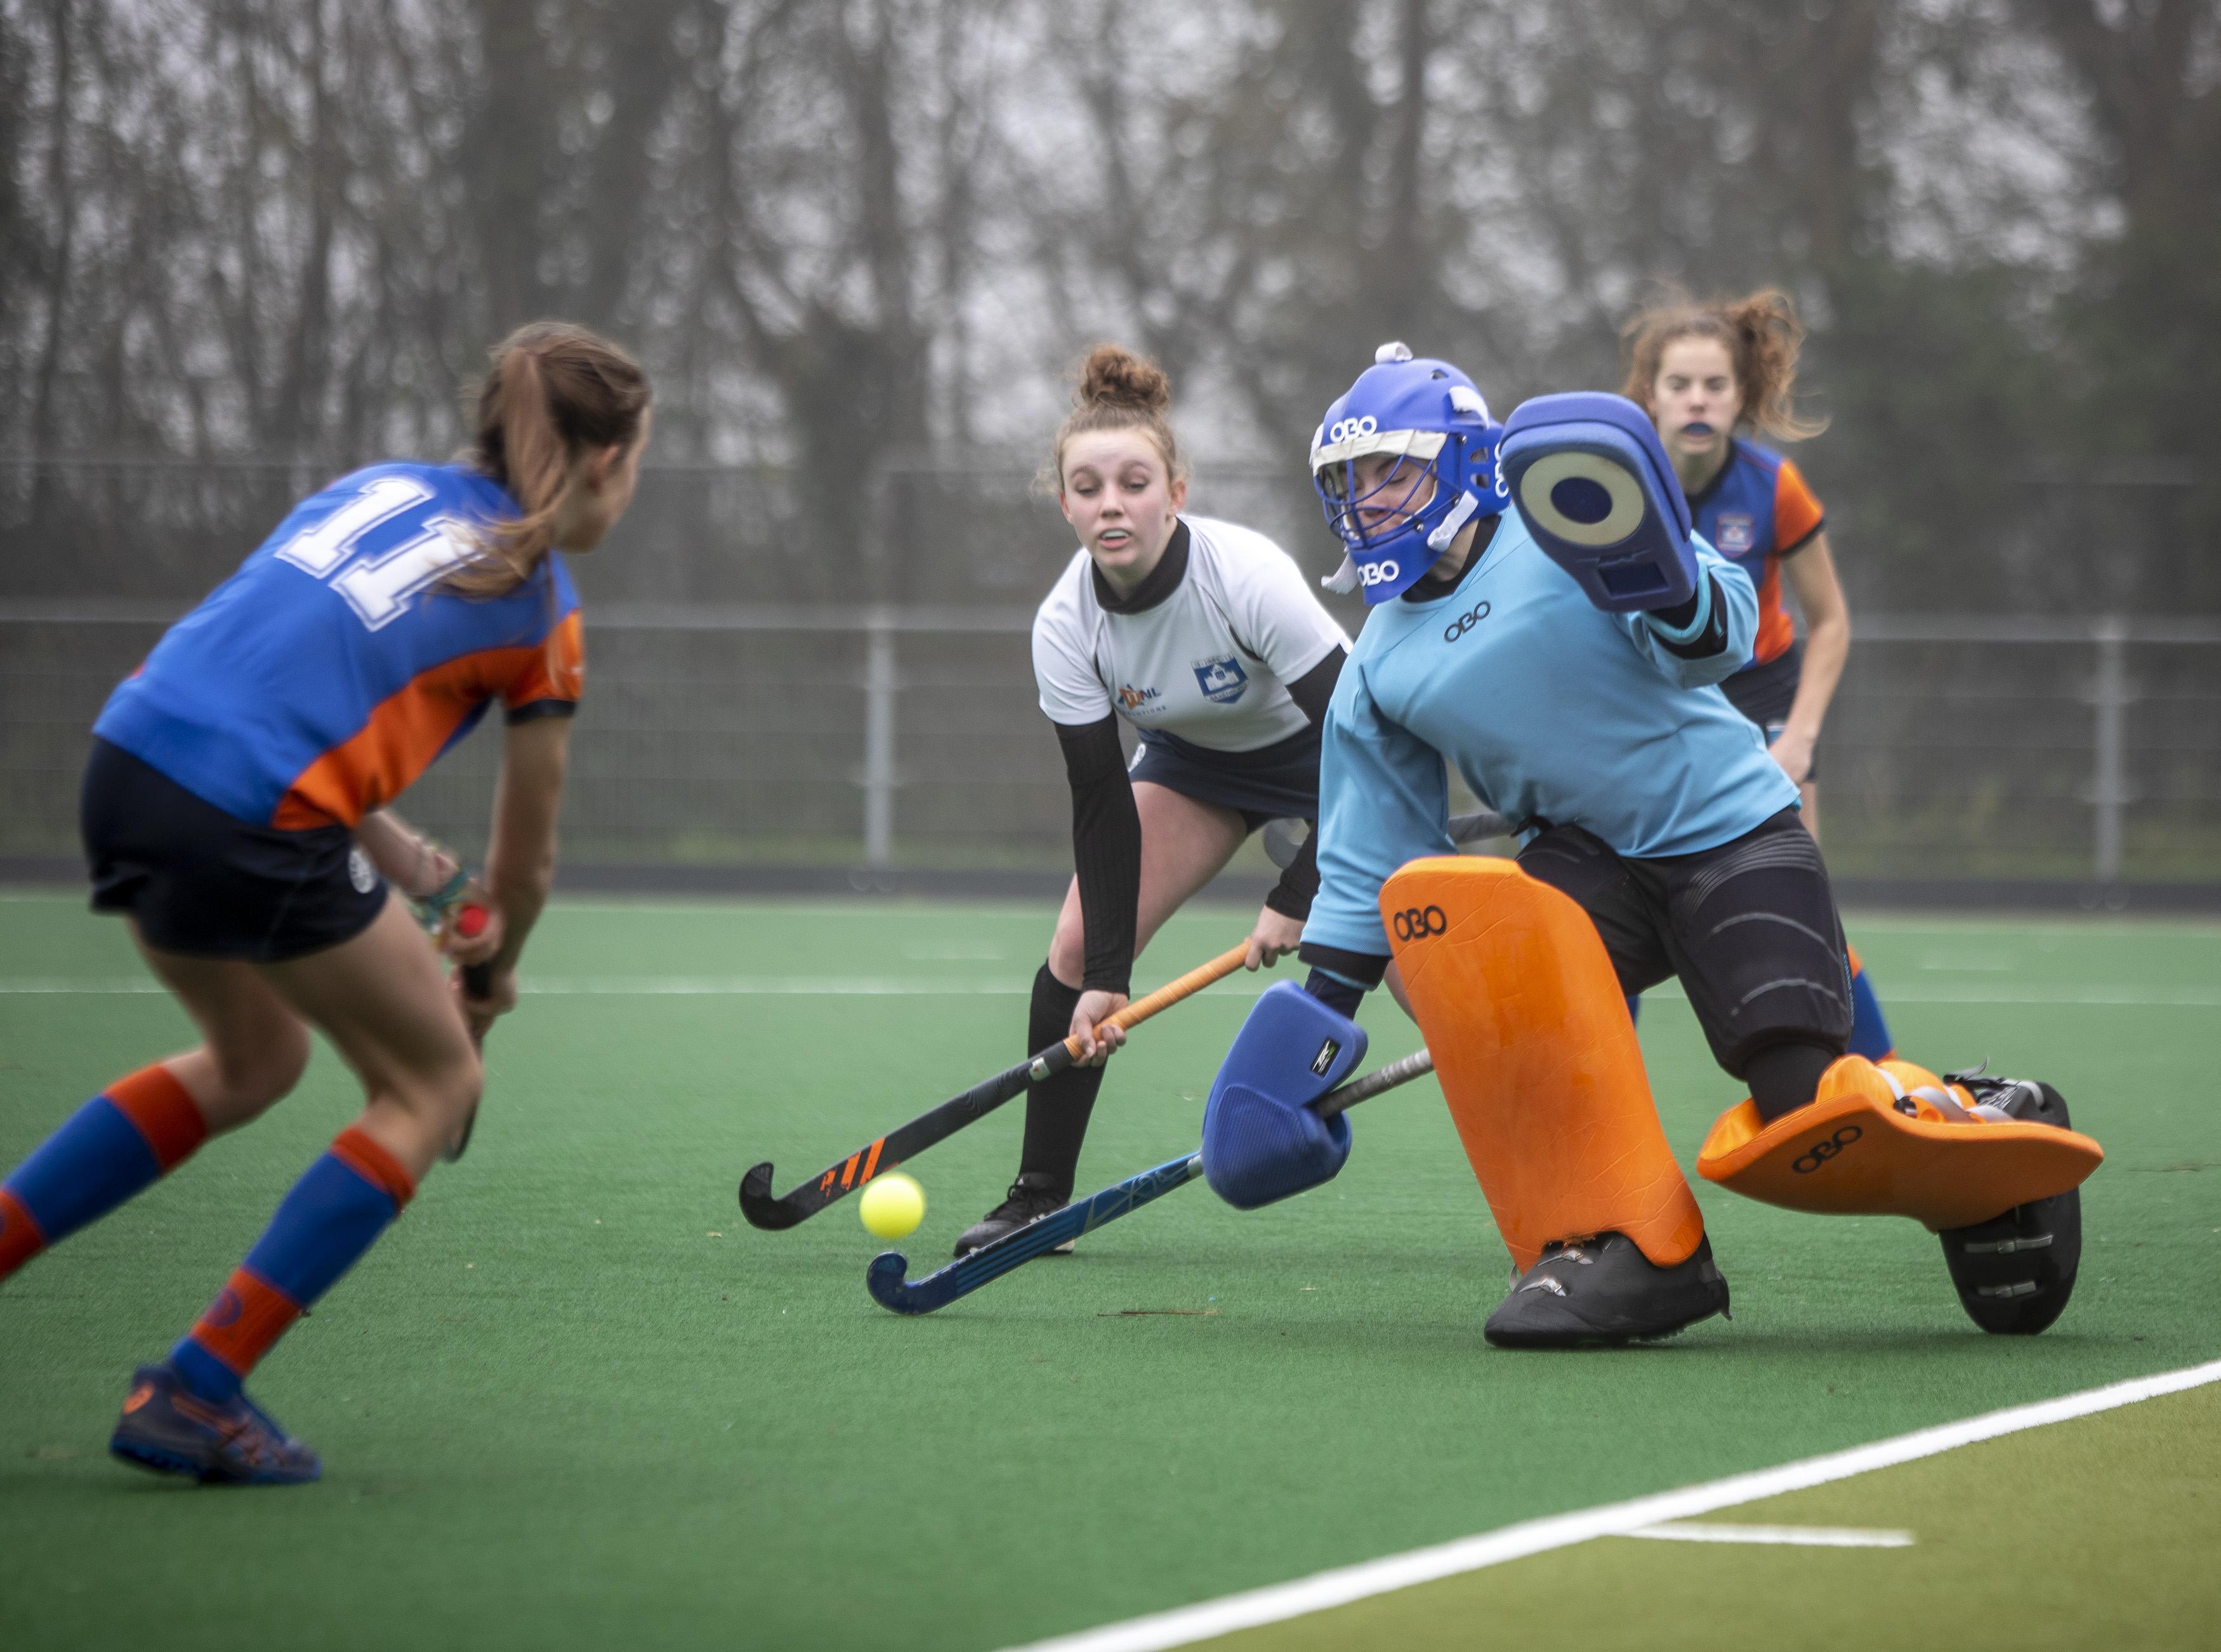 De jeugd van de Haarlemse Mixed Hockey Club Saxenburg speelt wekelijks onderlinge partijtjes. Hoe lang blijft dat nog leuk?